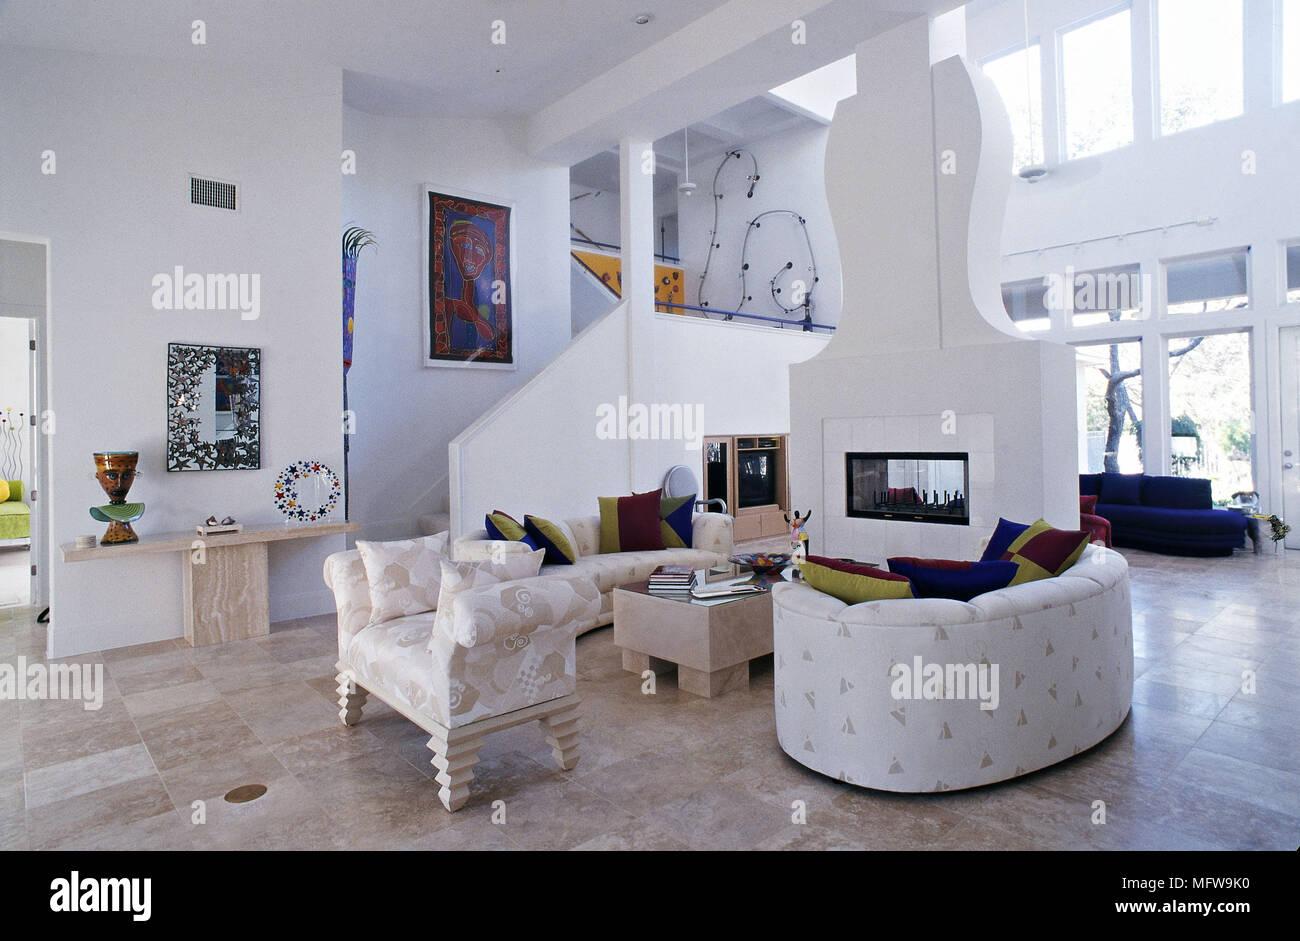 Geräumige Und Moderne Zimmer Mit Weißen Wänden Und Gemusterten Sofas  Skulpturale Kamin Schornstein Fensterwand Und Offene